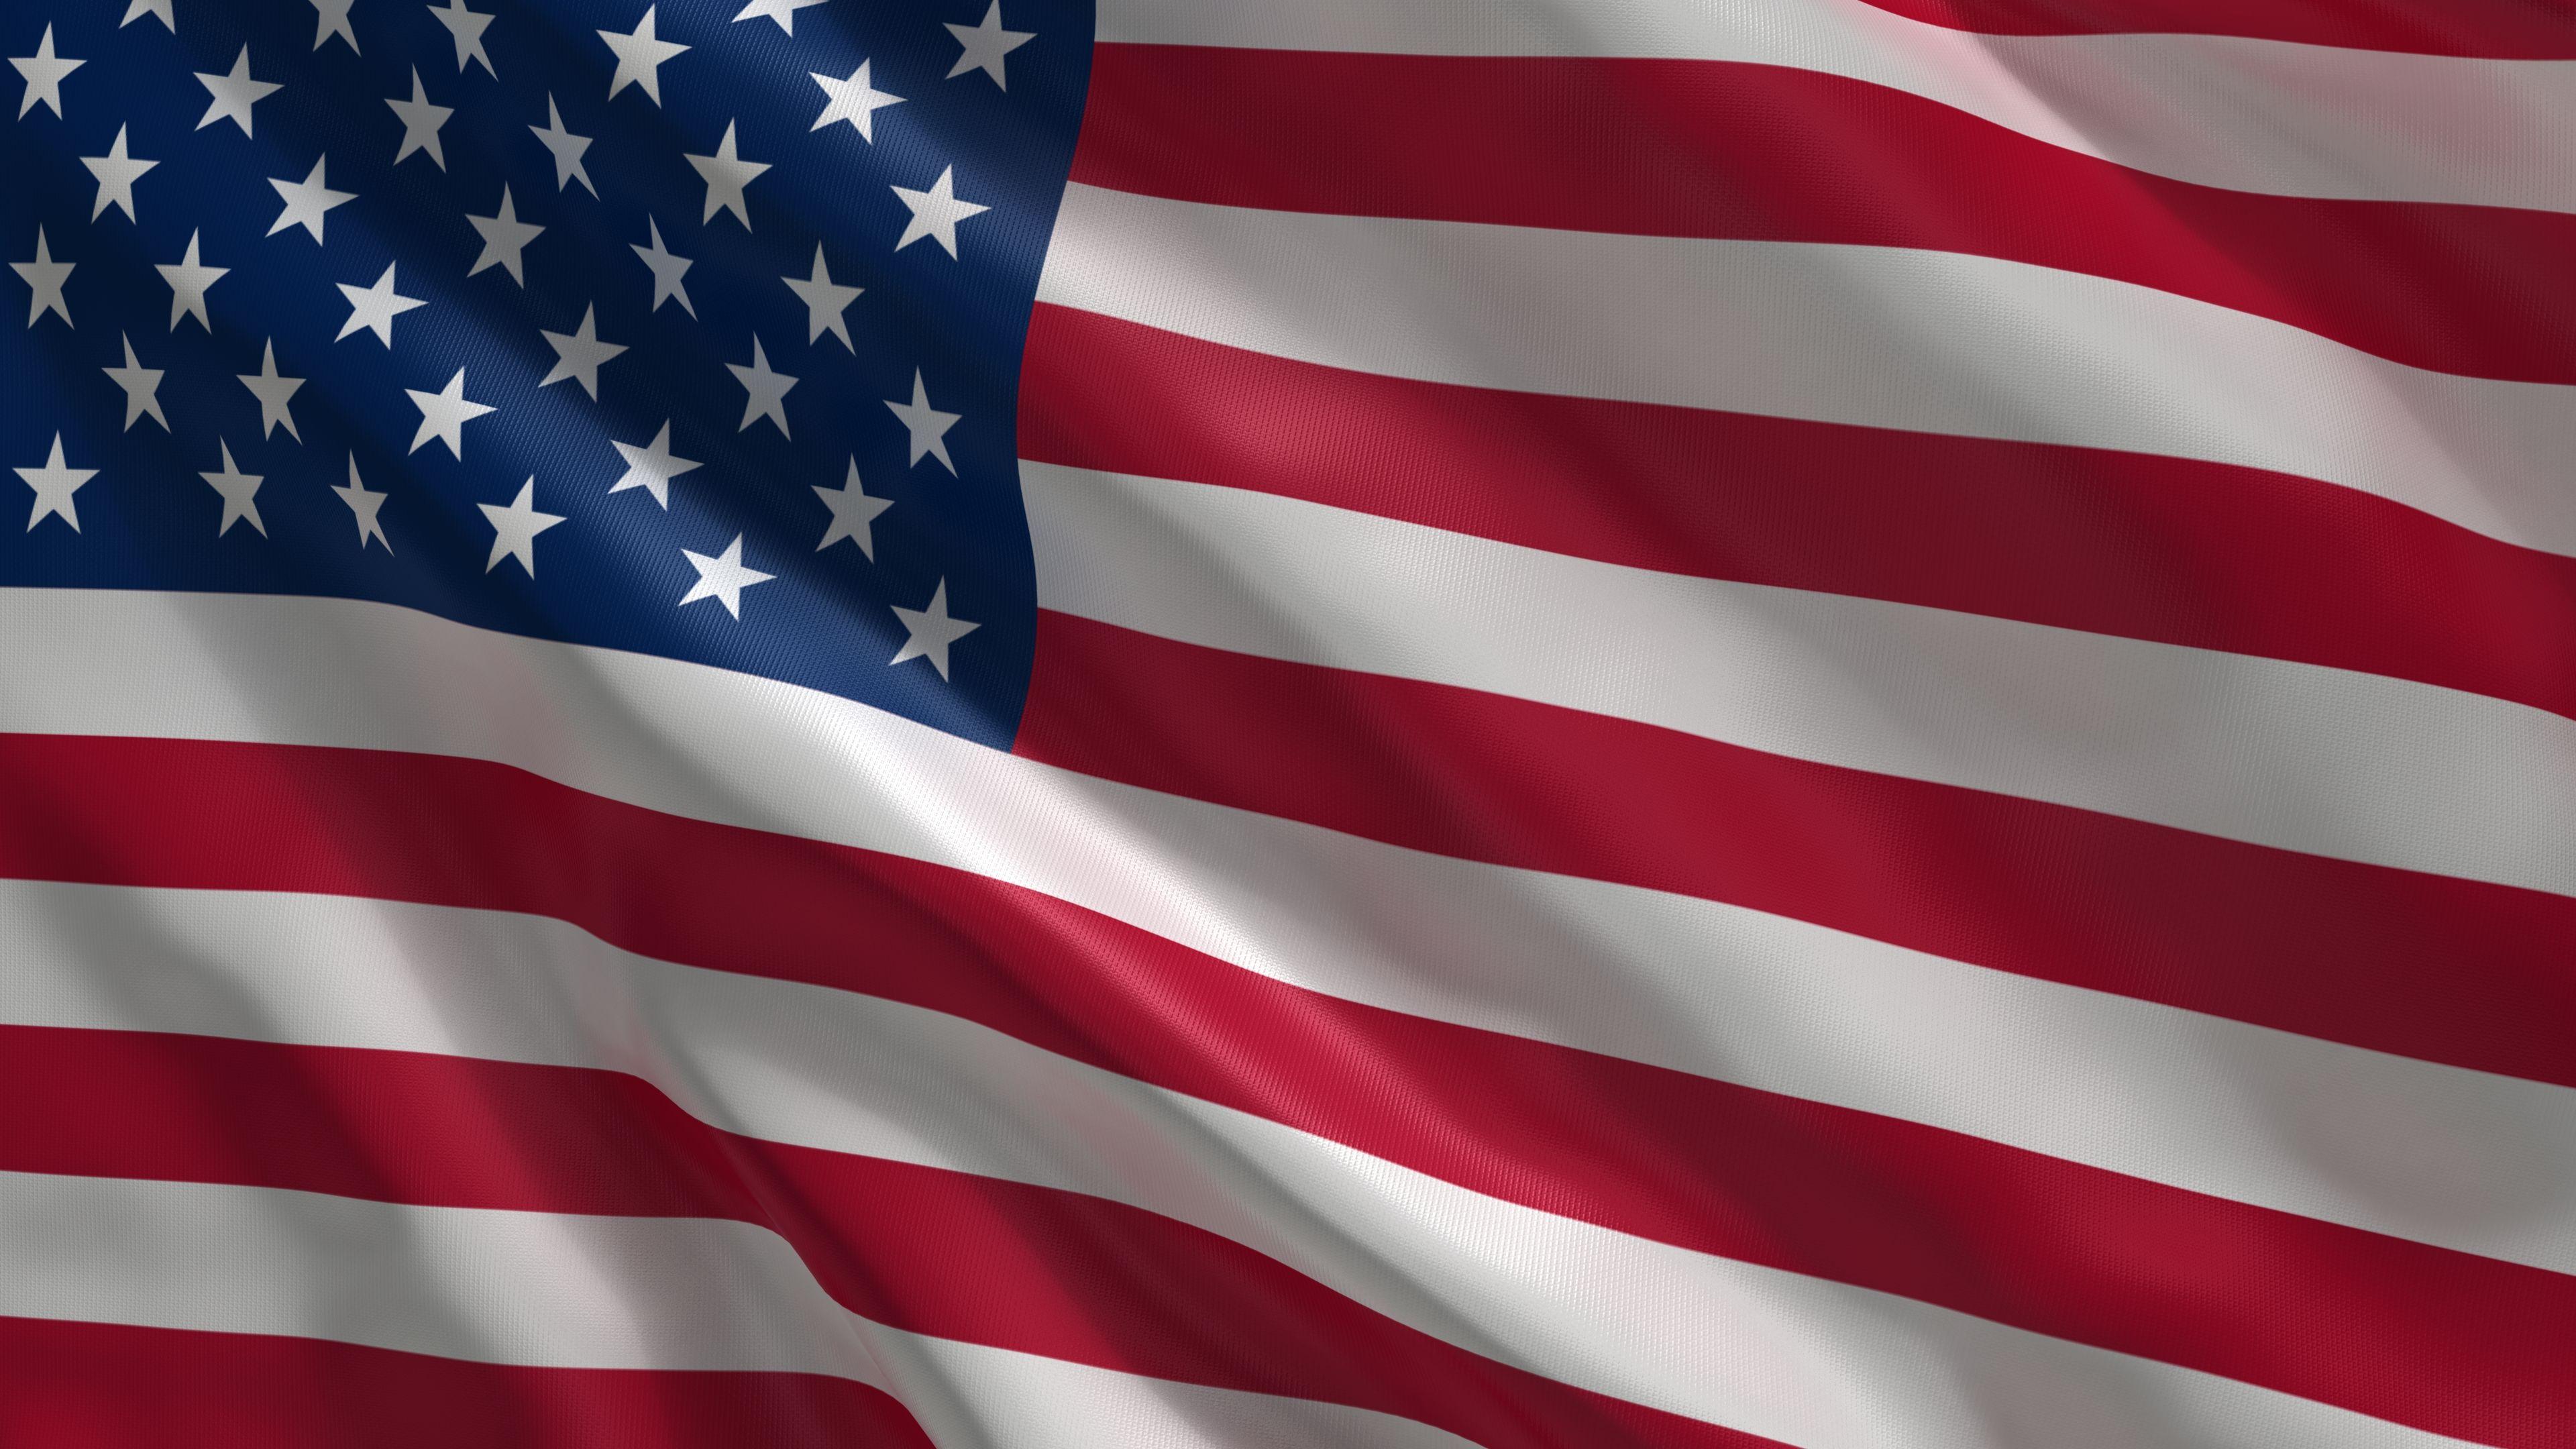 Estados Unidos Eu Usa United State Bandera Flag Banderas Del